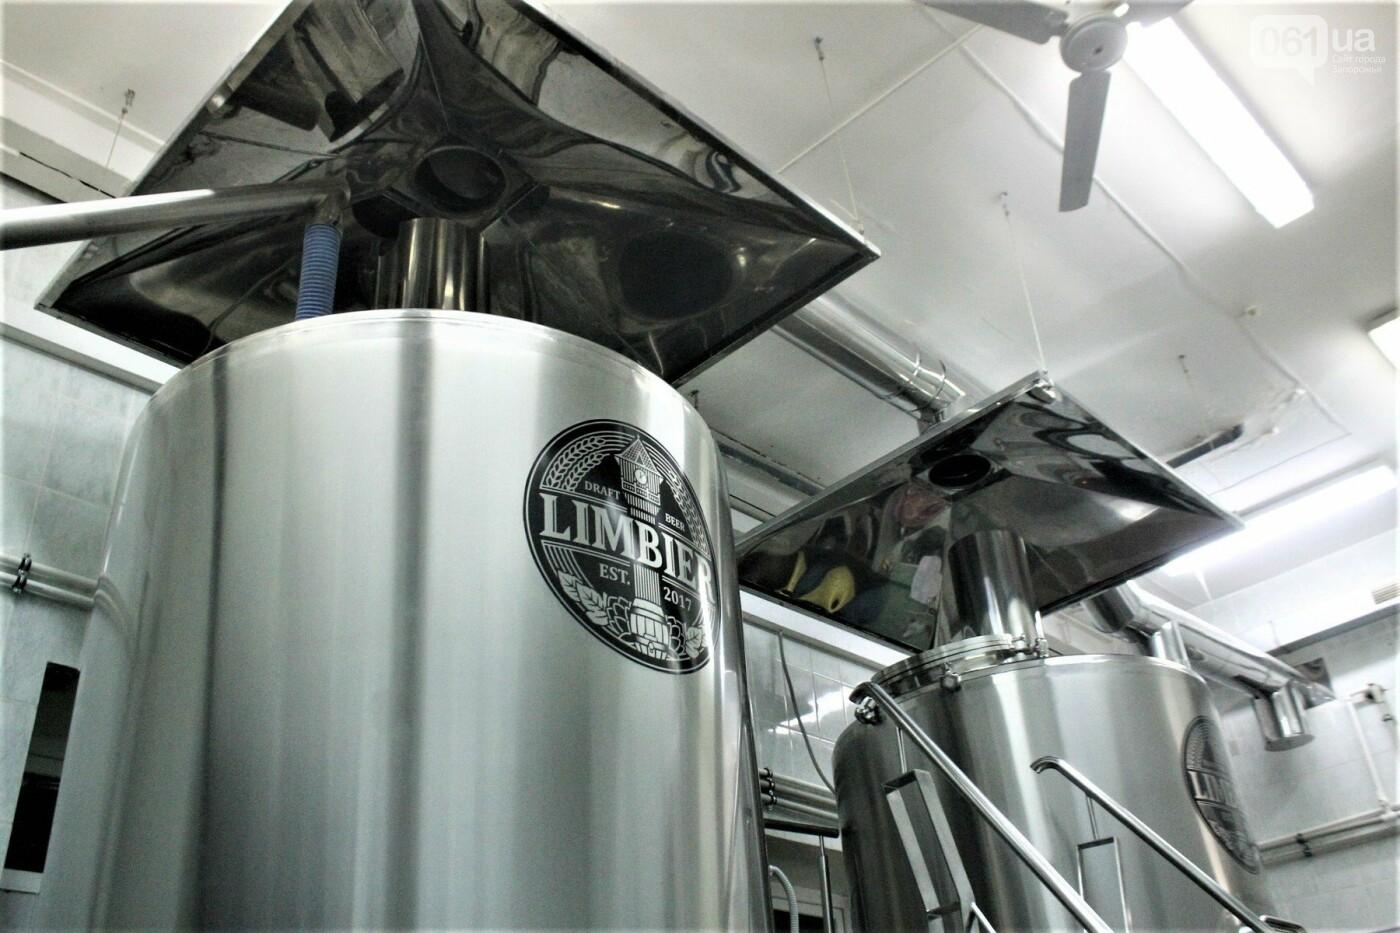 Как в Запорожье готовят крафтовое пиво «Limbier»: экскурсия на производство, – ФОТОРЕПОРТАЖ, фото-9